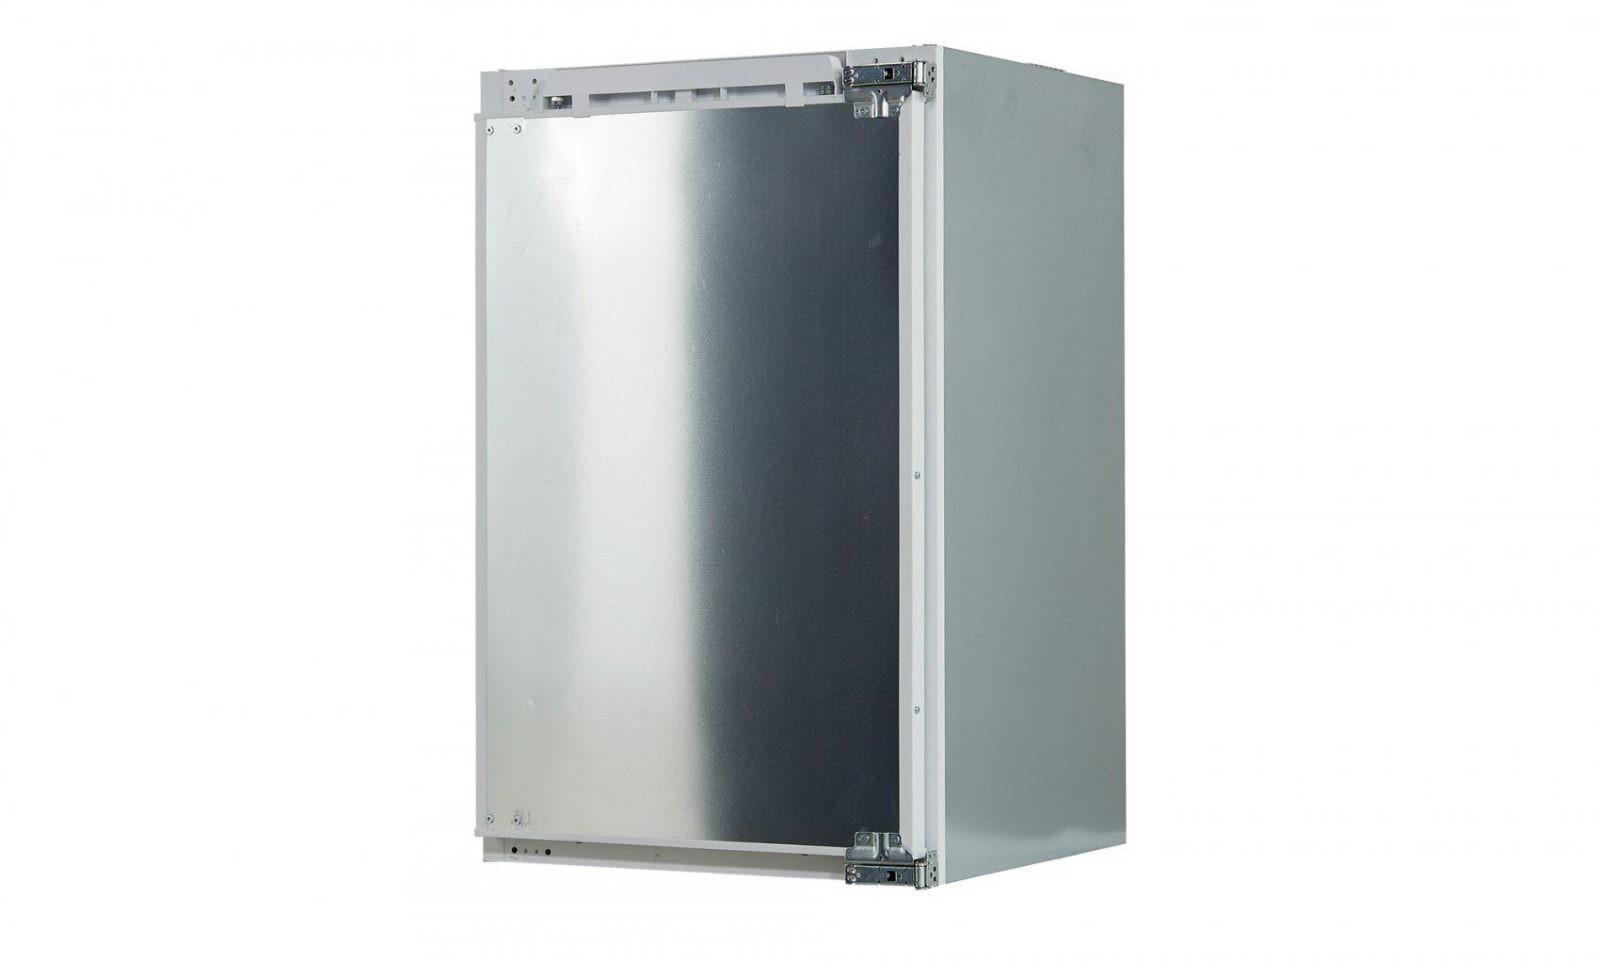 Retro Kühlschrank Siemens : Siemens ki51fad30 a einbaukühlschrank 558 cm breit von siemens von